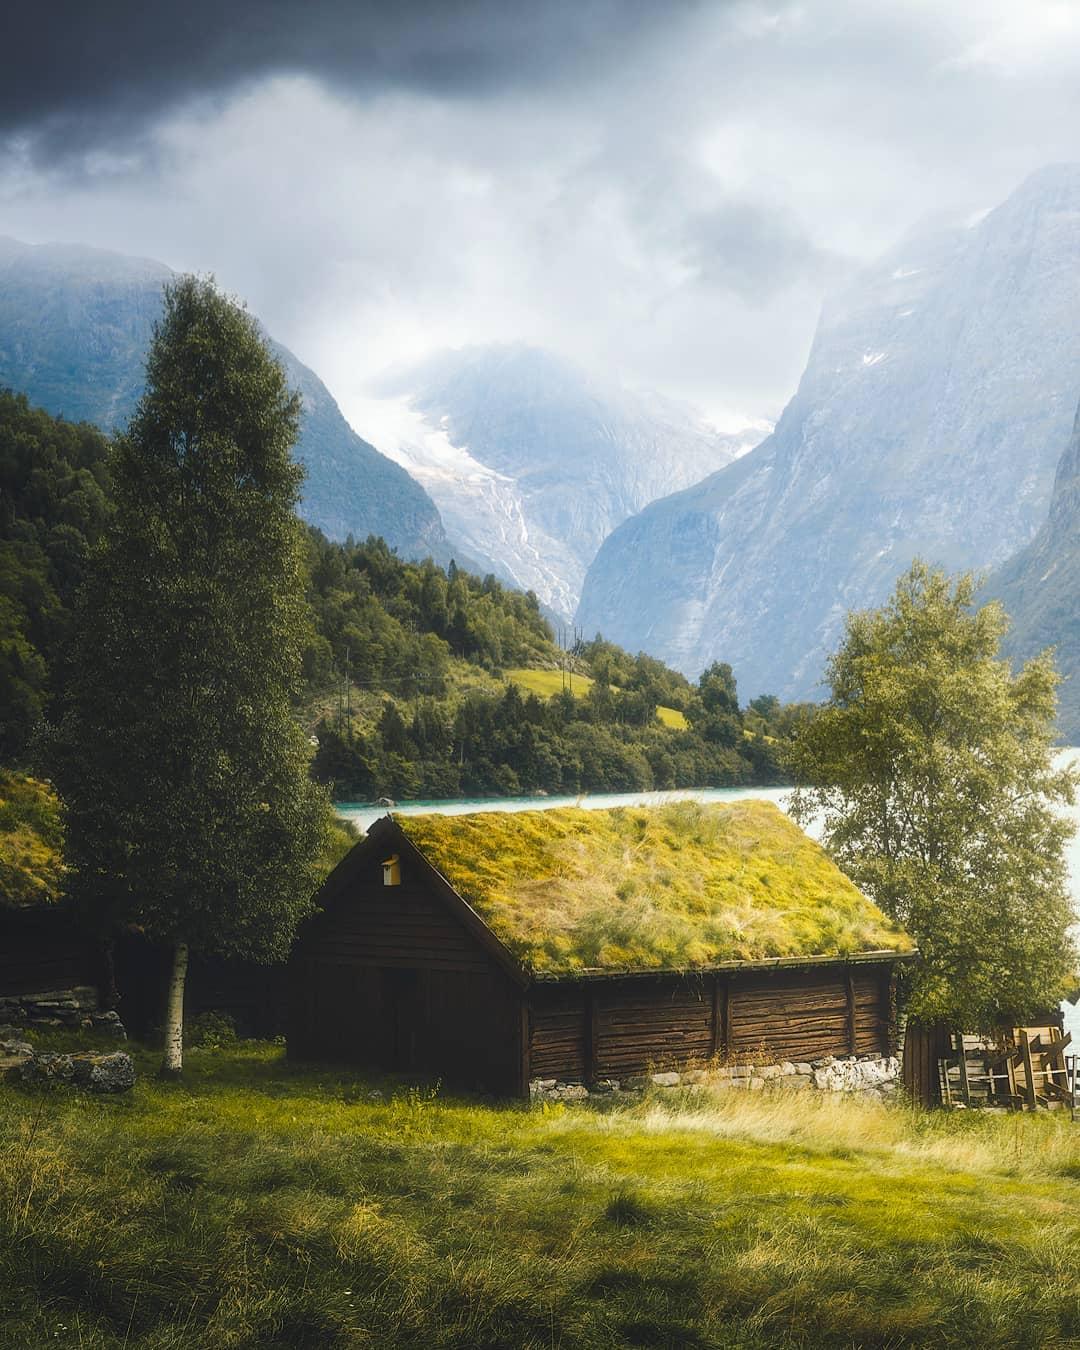 Захватывающие пейзажные фотографии Фредрика Стремме